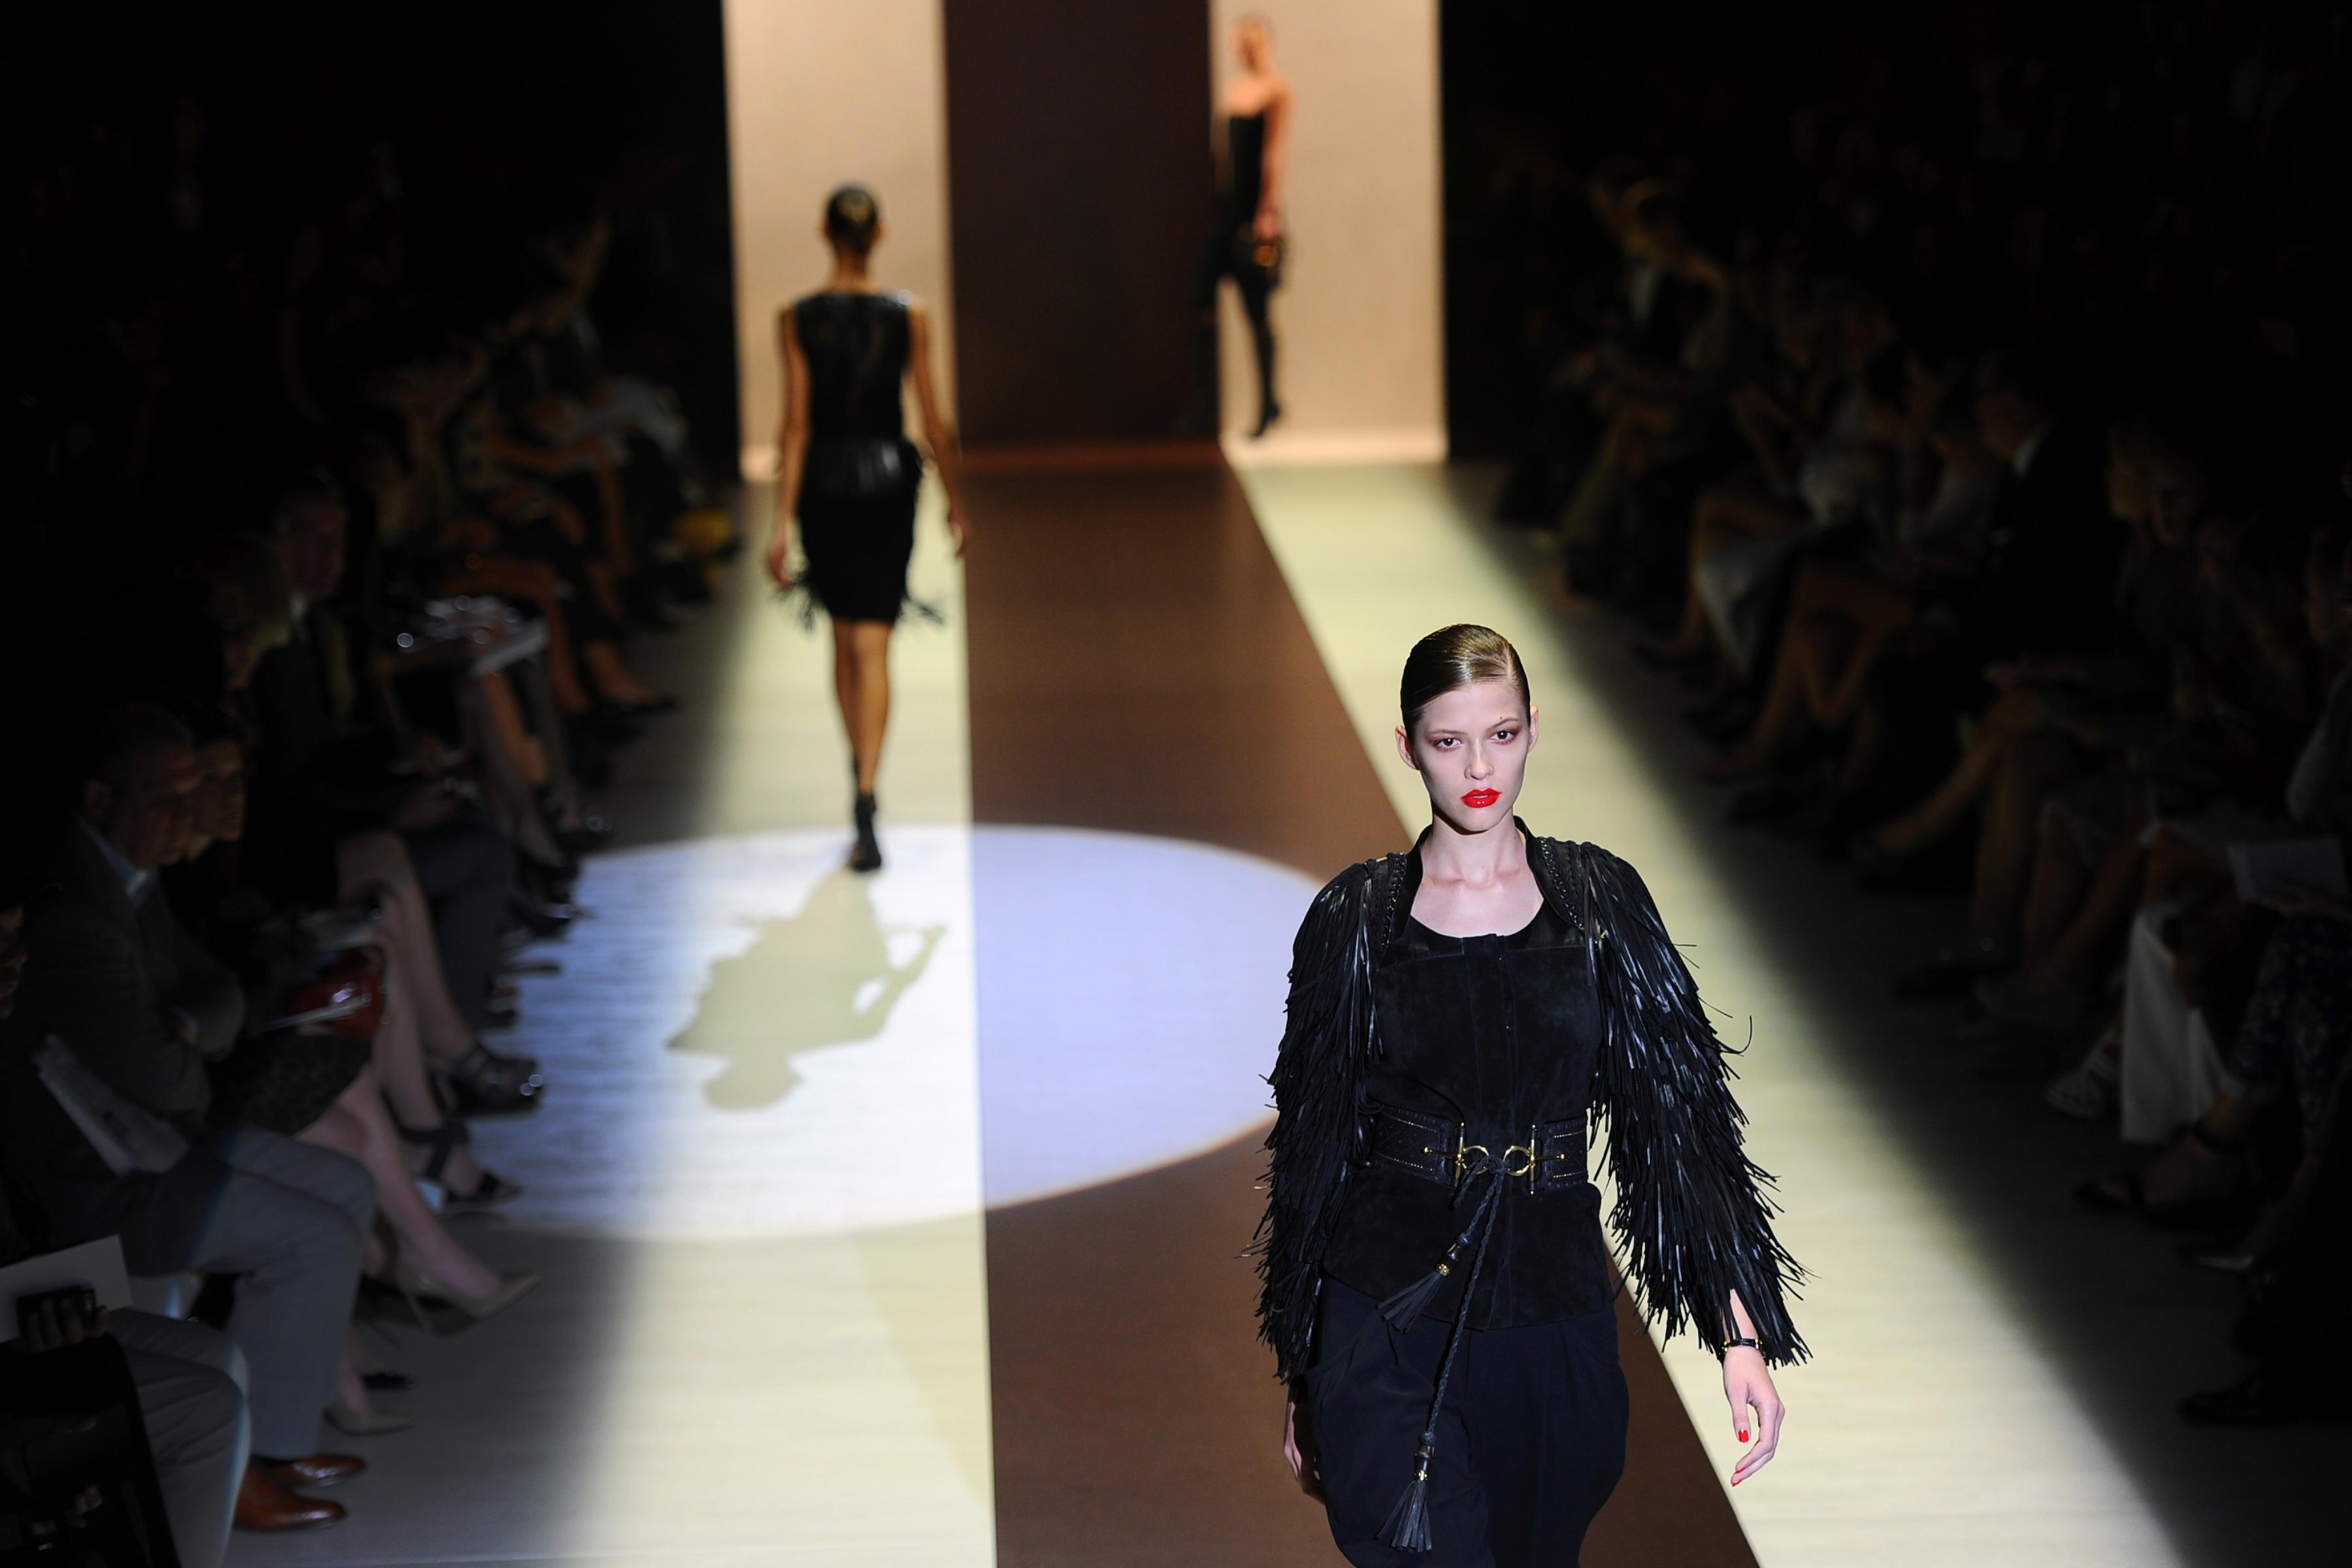 İtalya'nın En Büyük Moda Tasarımcısı da Gay Çiftleri Savundu!